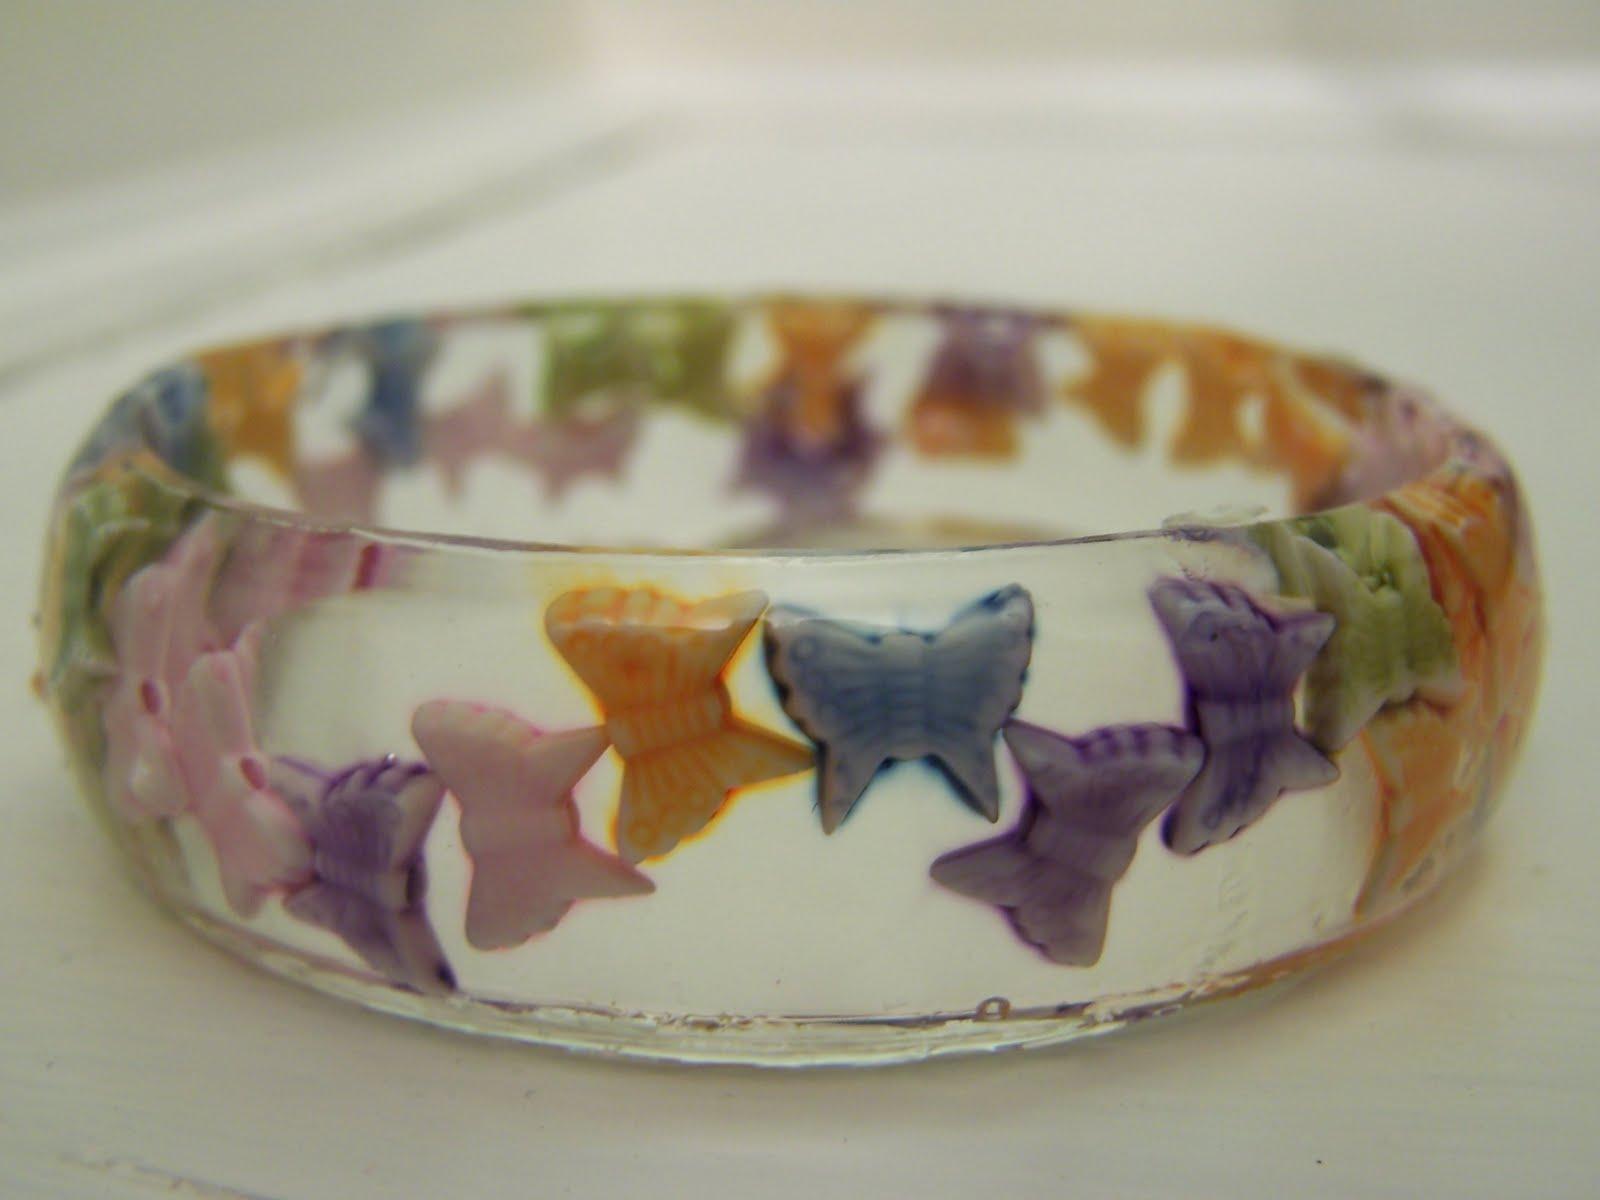 para joyas Ncbvixsw bricolaje y hacer moldes de silicona para manualidades regalos hechos a mano medium 1 Molde de silicona para colgante de resina epoxi de cristal